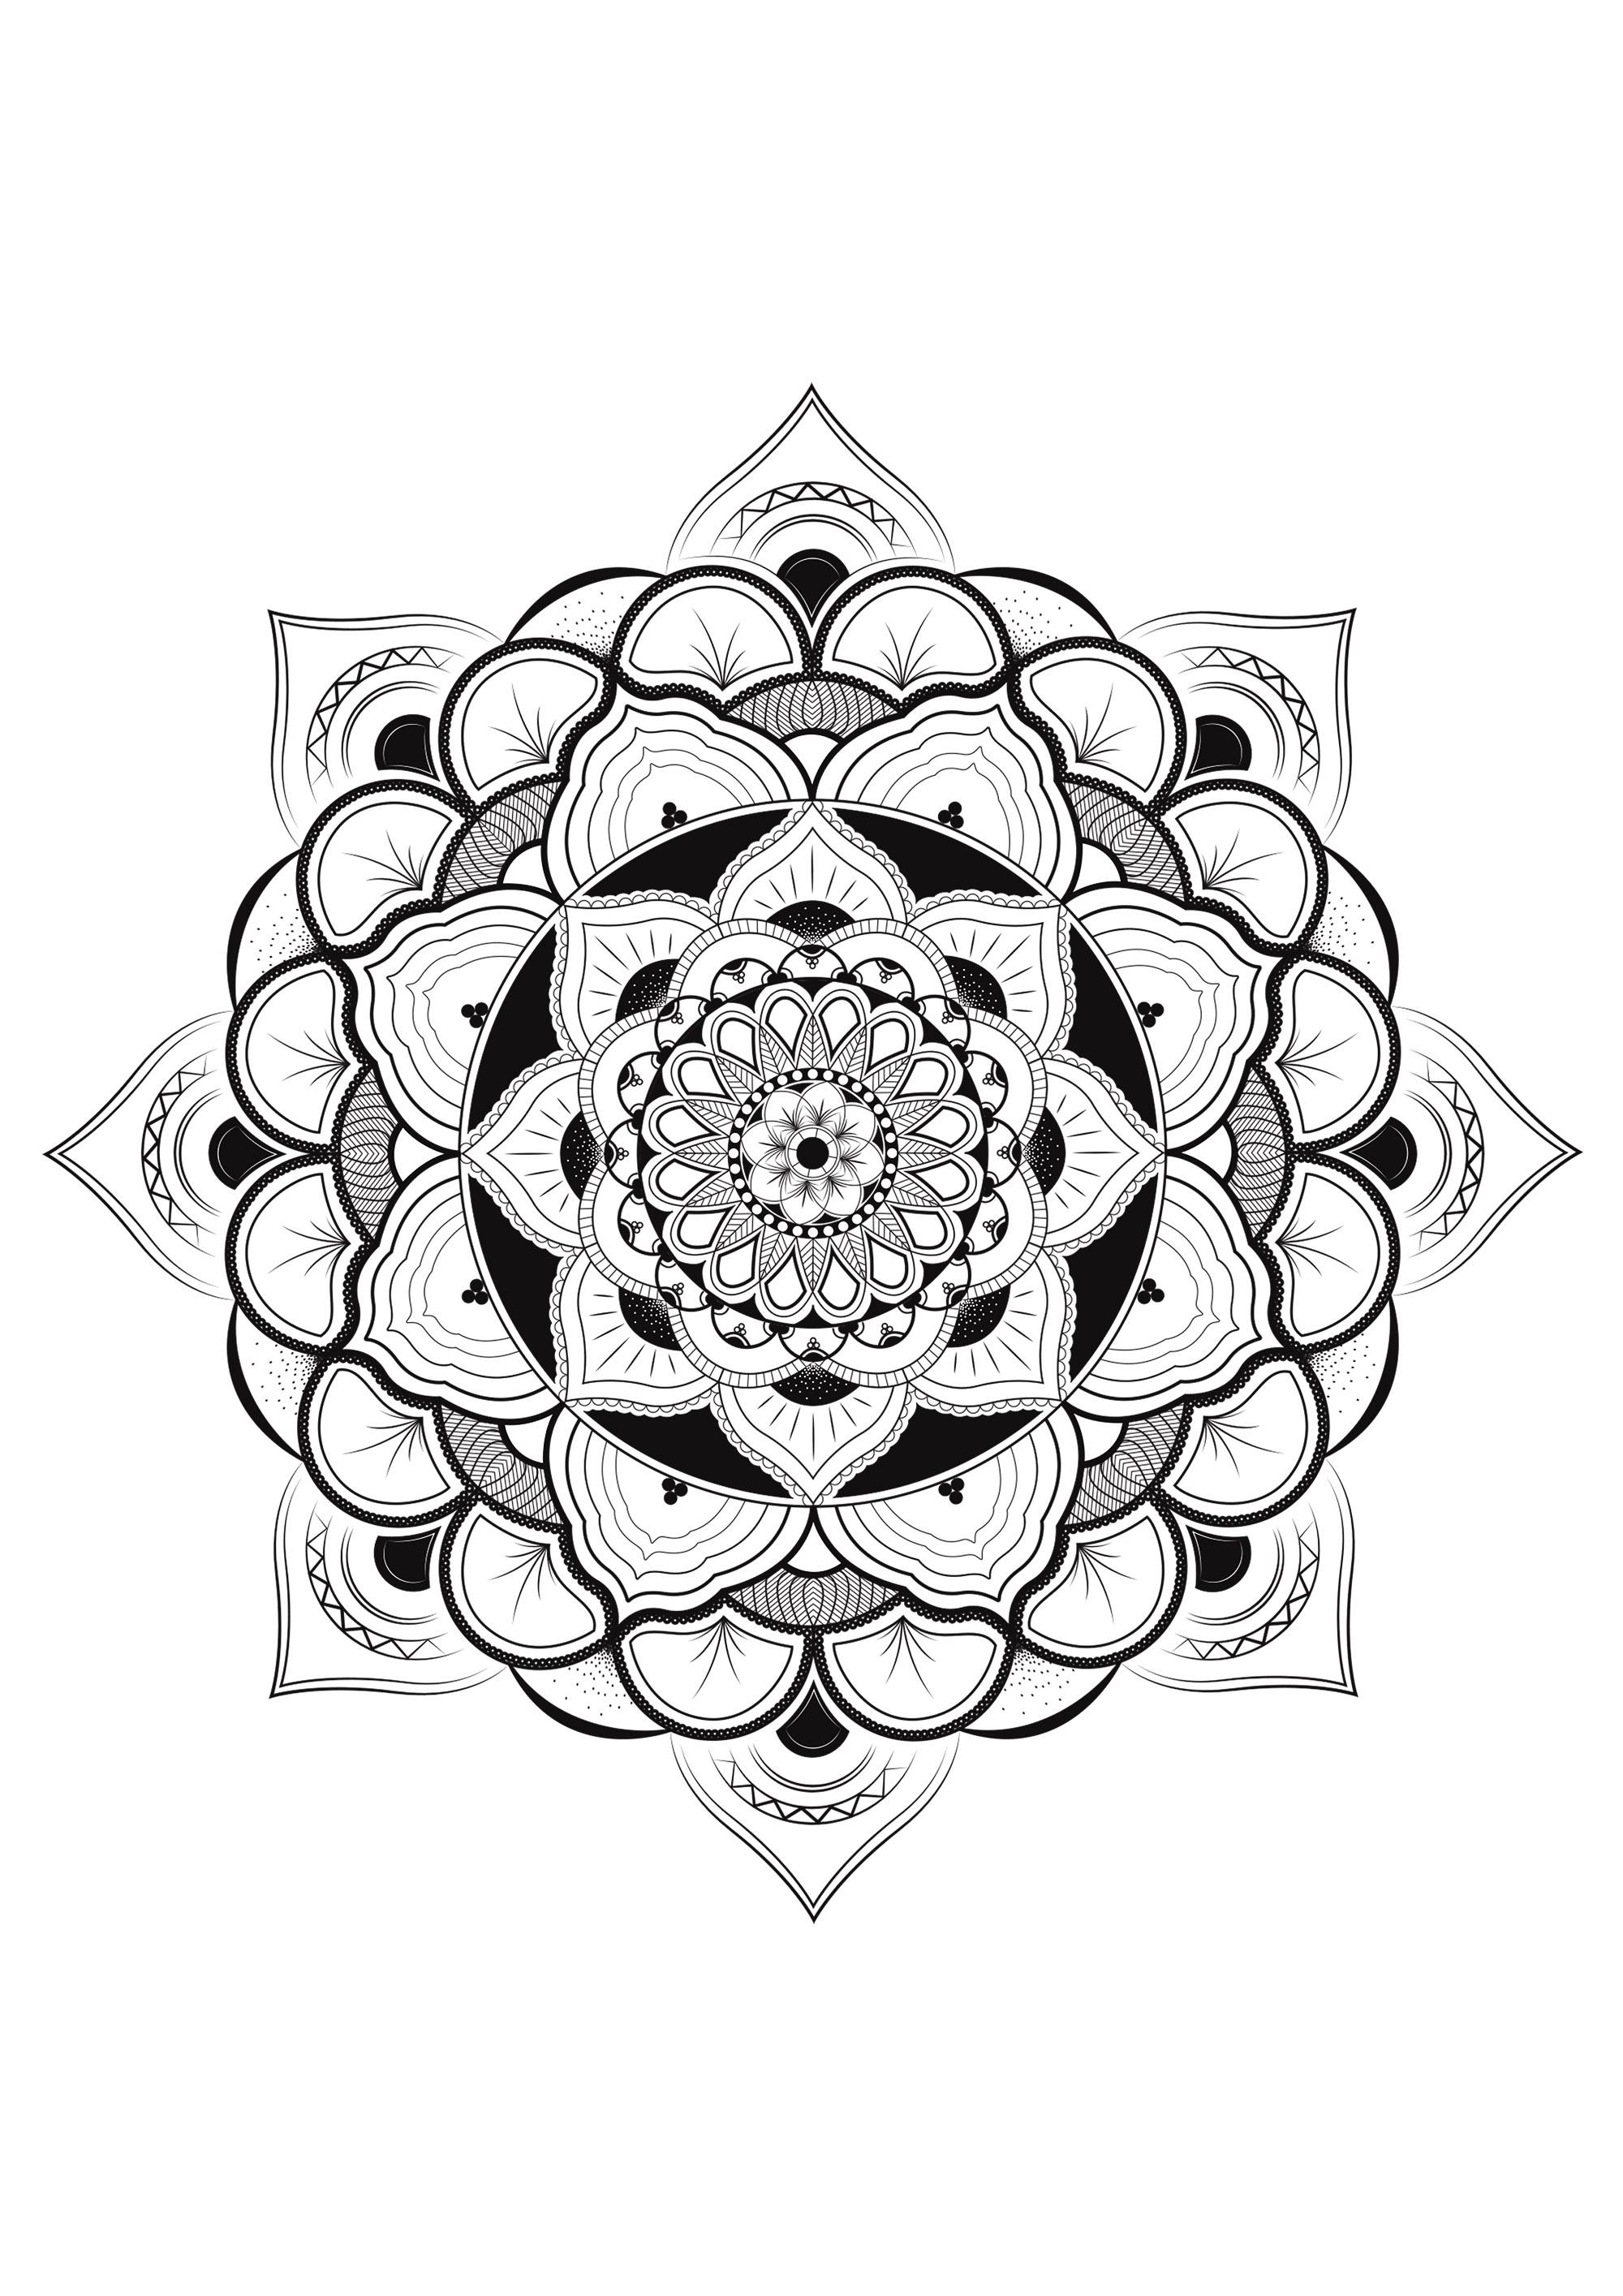 Joli mandala avec beaucoup de détails